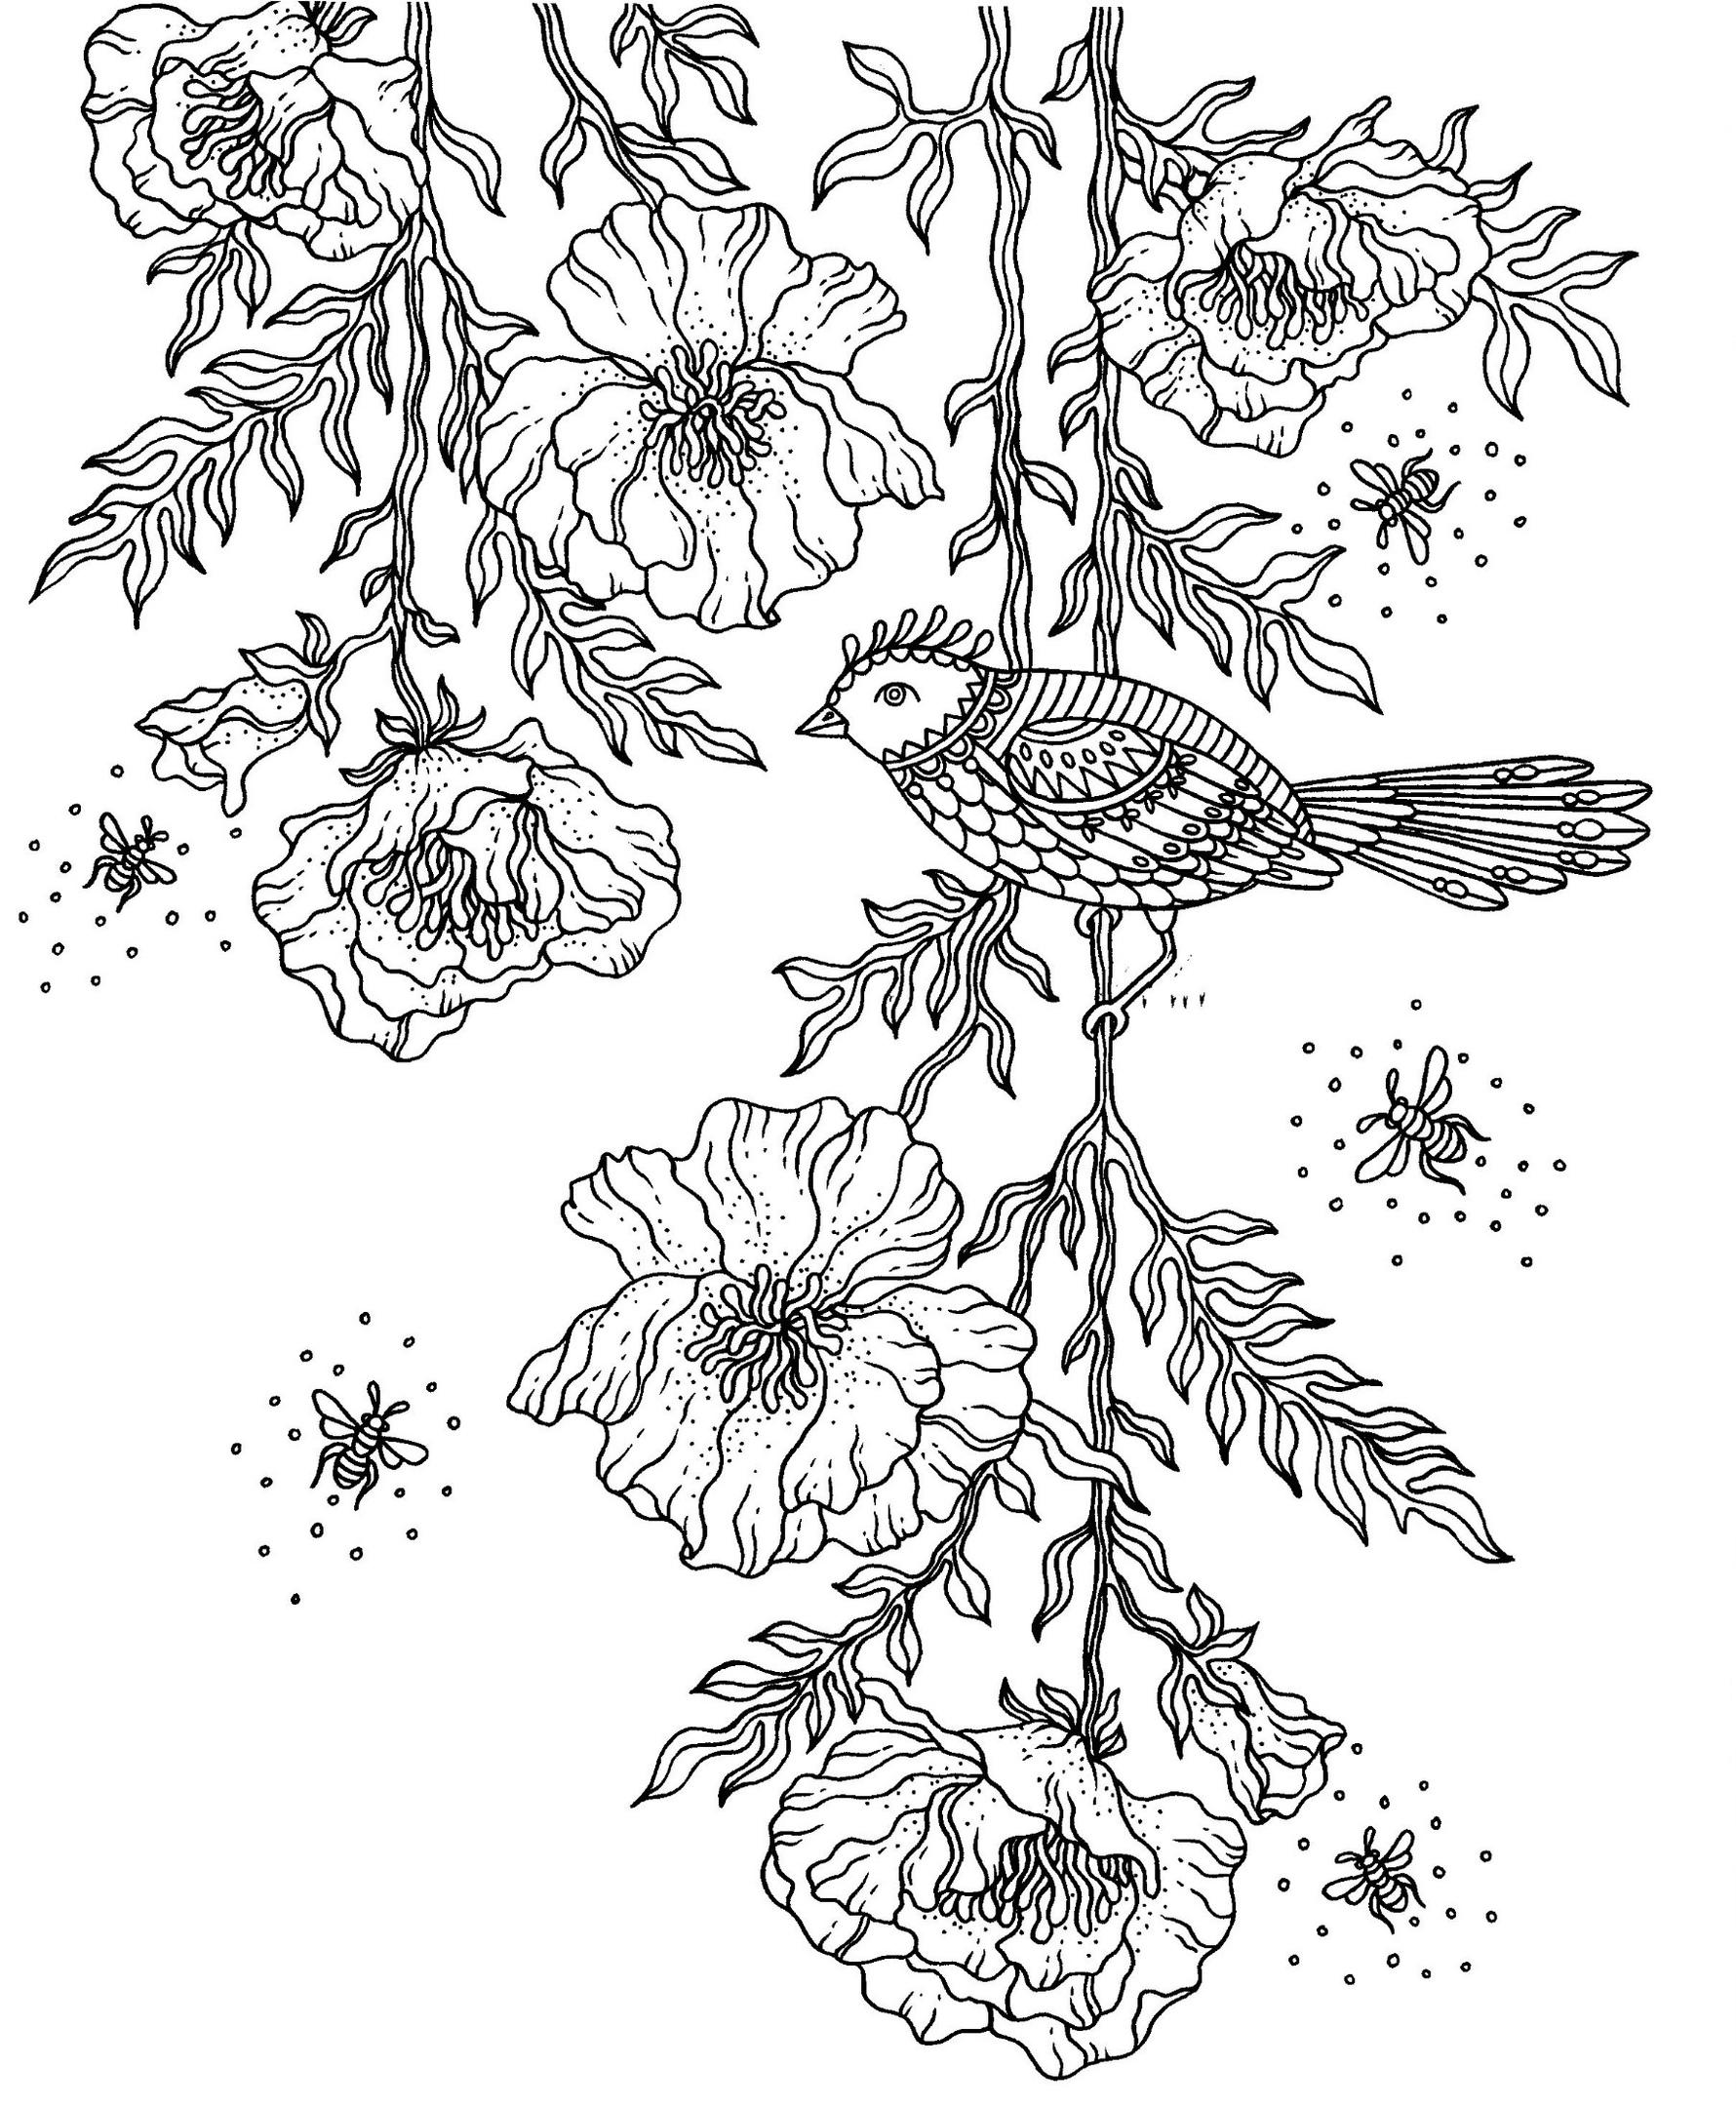 Раскраски антистресс для взрослых «Птица на маках», чтобы распечатать